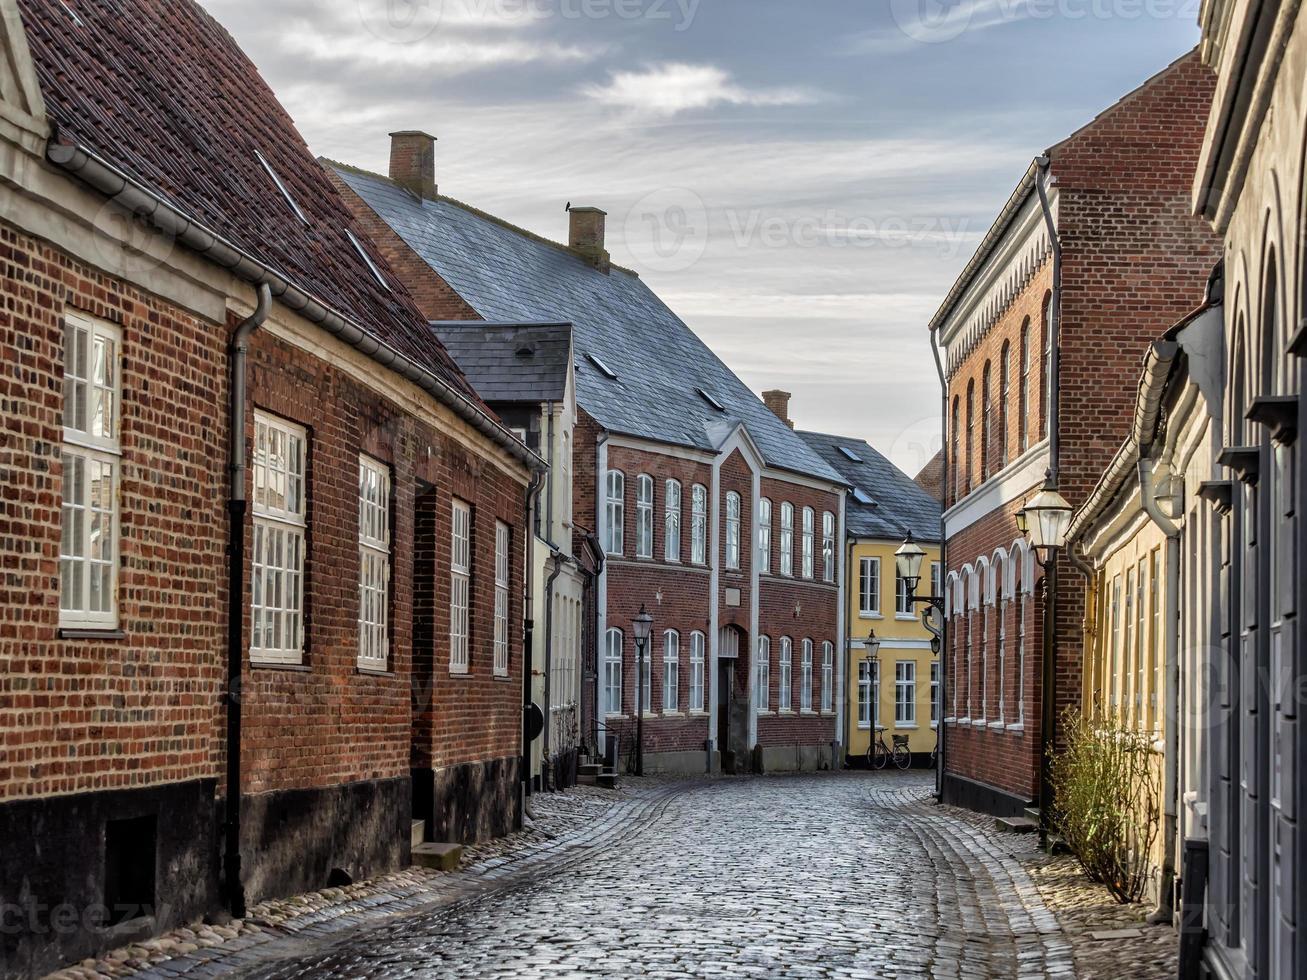 Häuser auf gepflasterten Straßen in Ribe, Dänemark foto